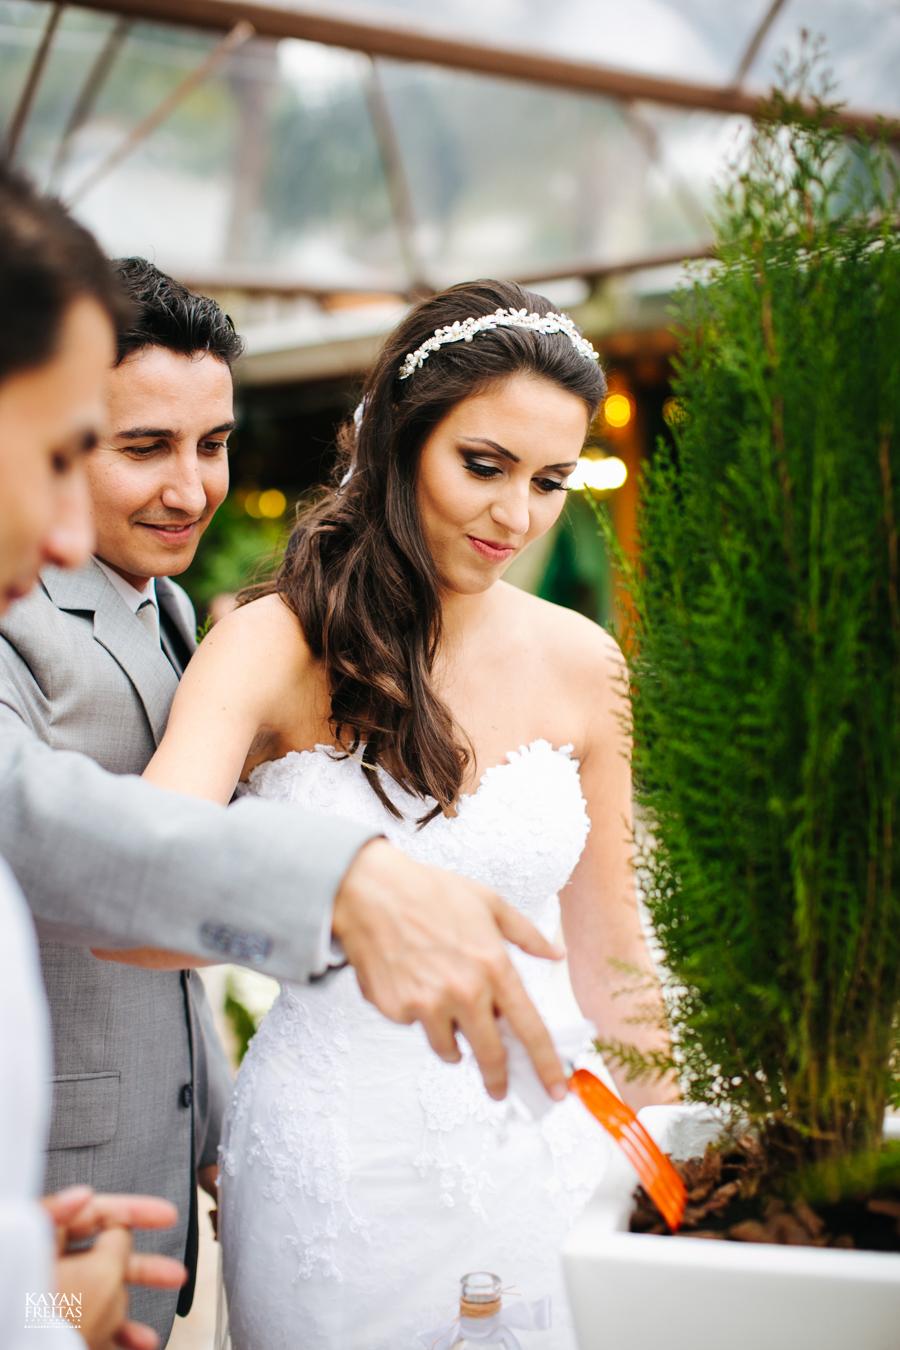 casamento-mari-fernando-0113 Mariana + Fernando - Casamento em Florianópolis - Pier 54